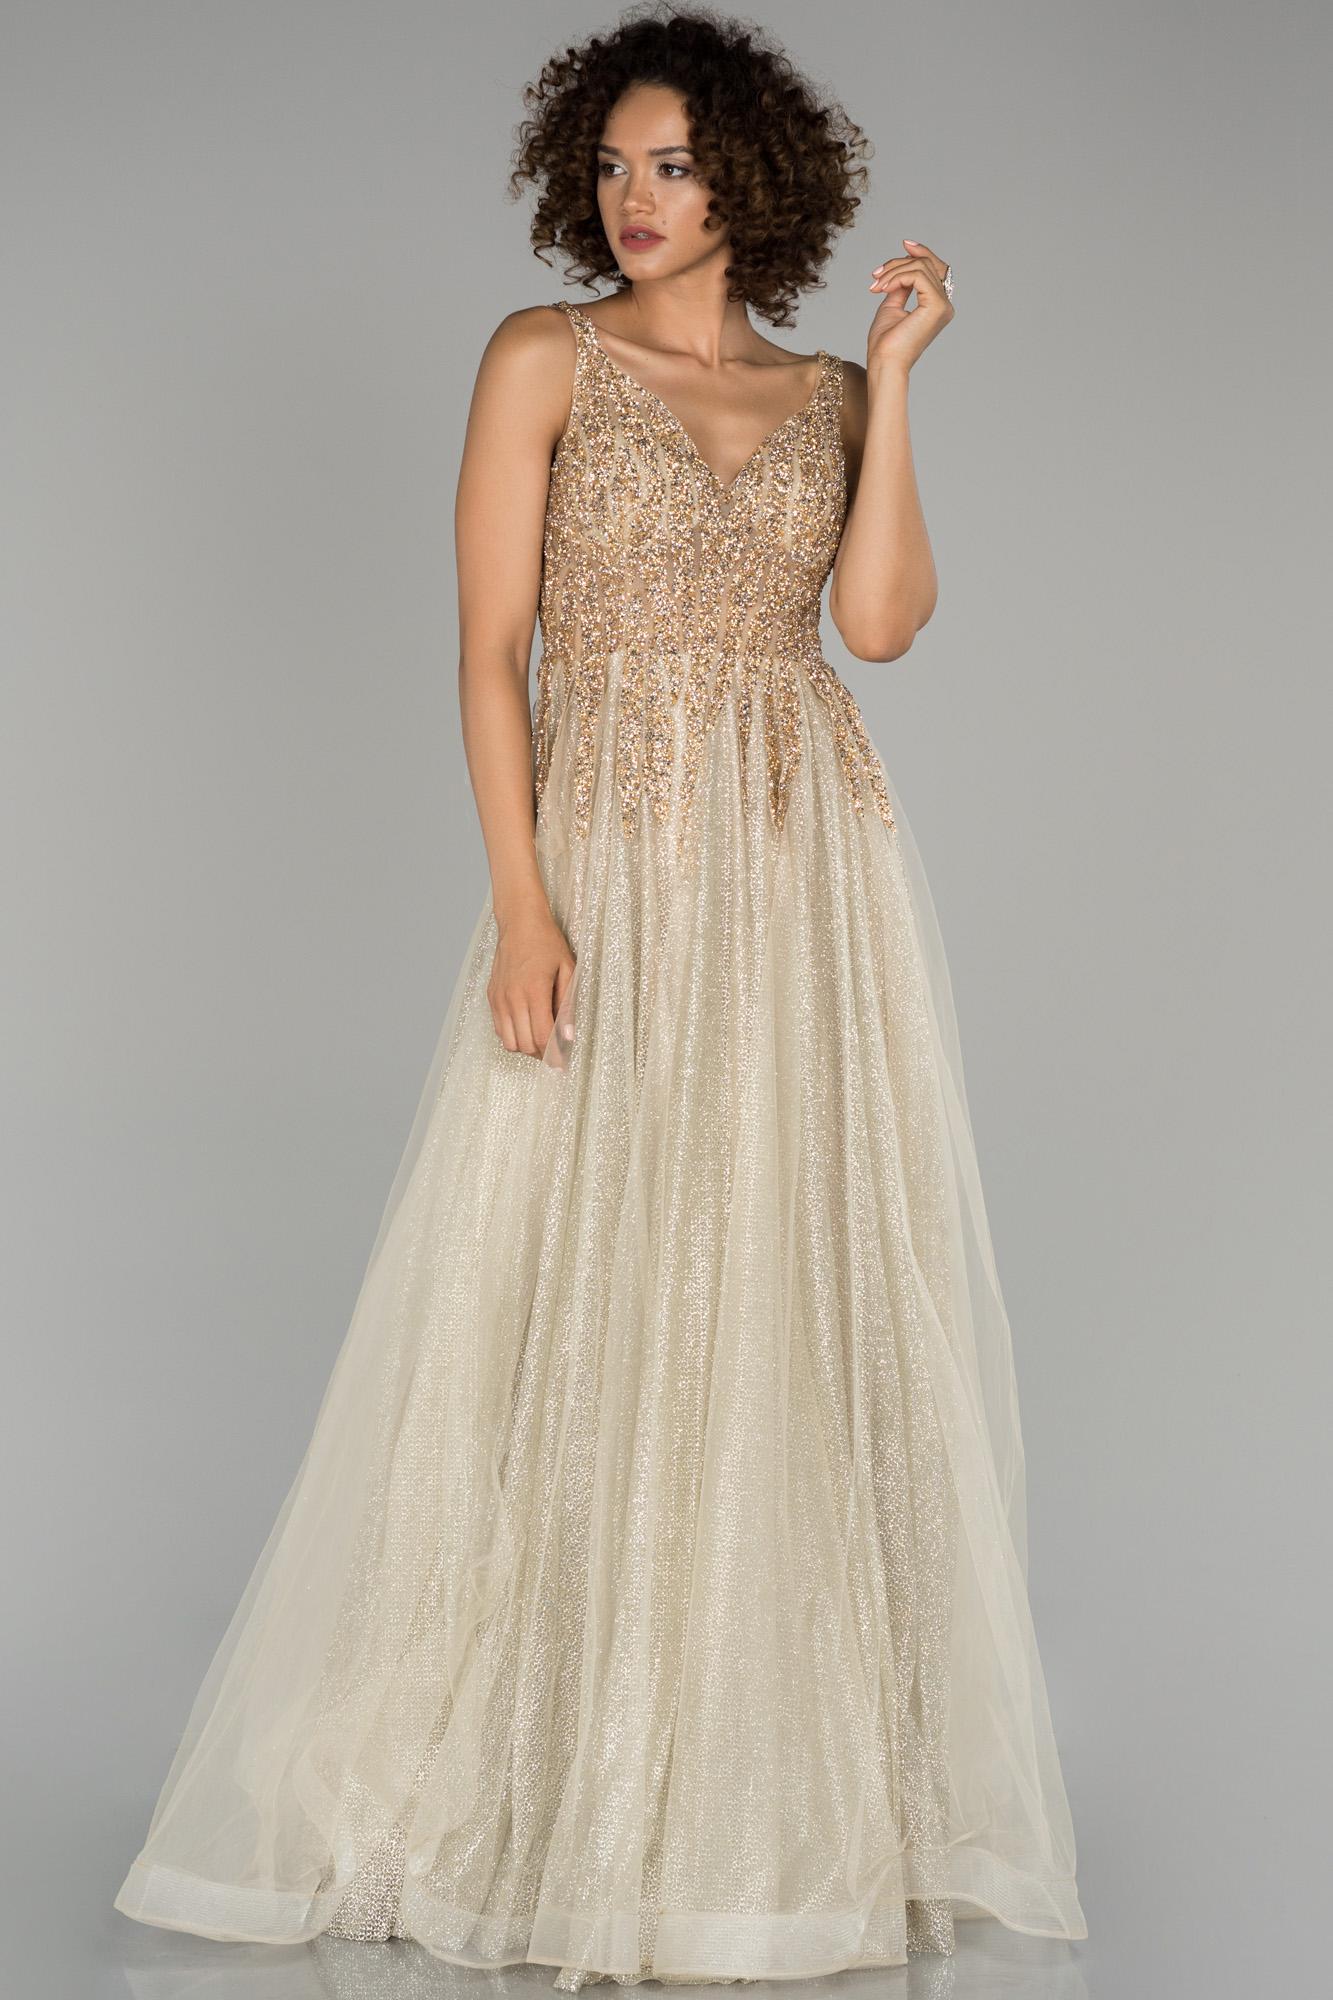 Gold Kristal Taş Işlemeli Nişan Elbisesi